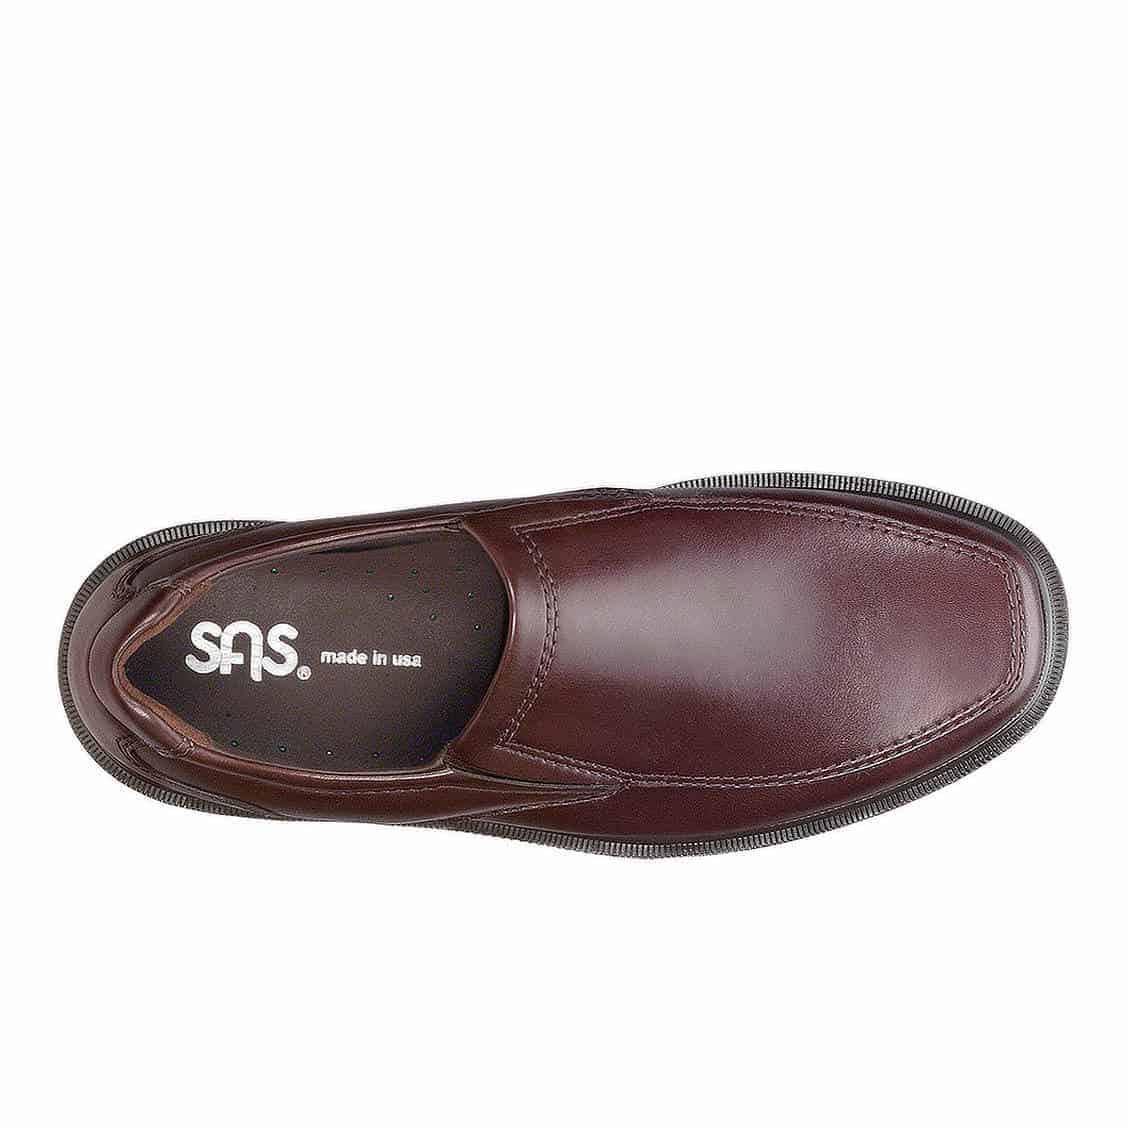 sas-mens-diplomat-brown-2280-058-4